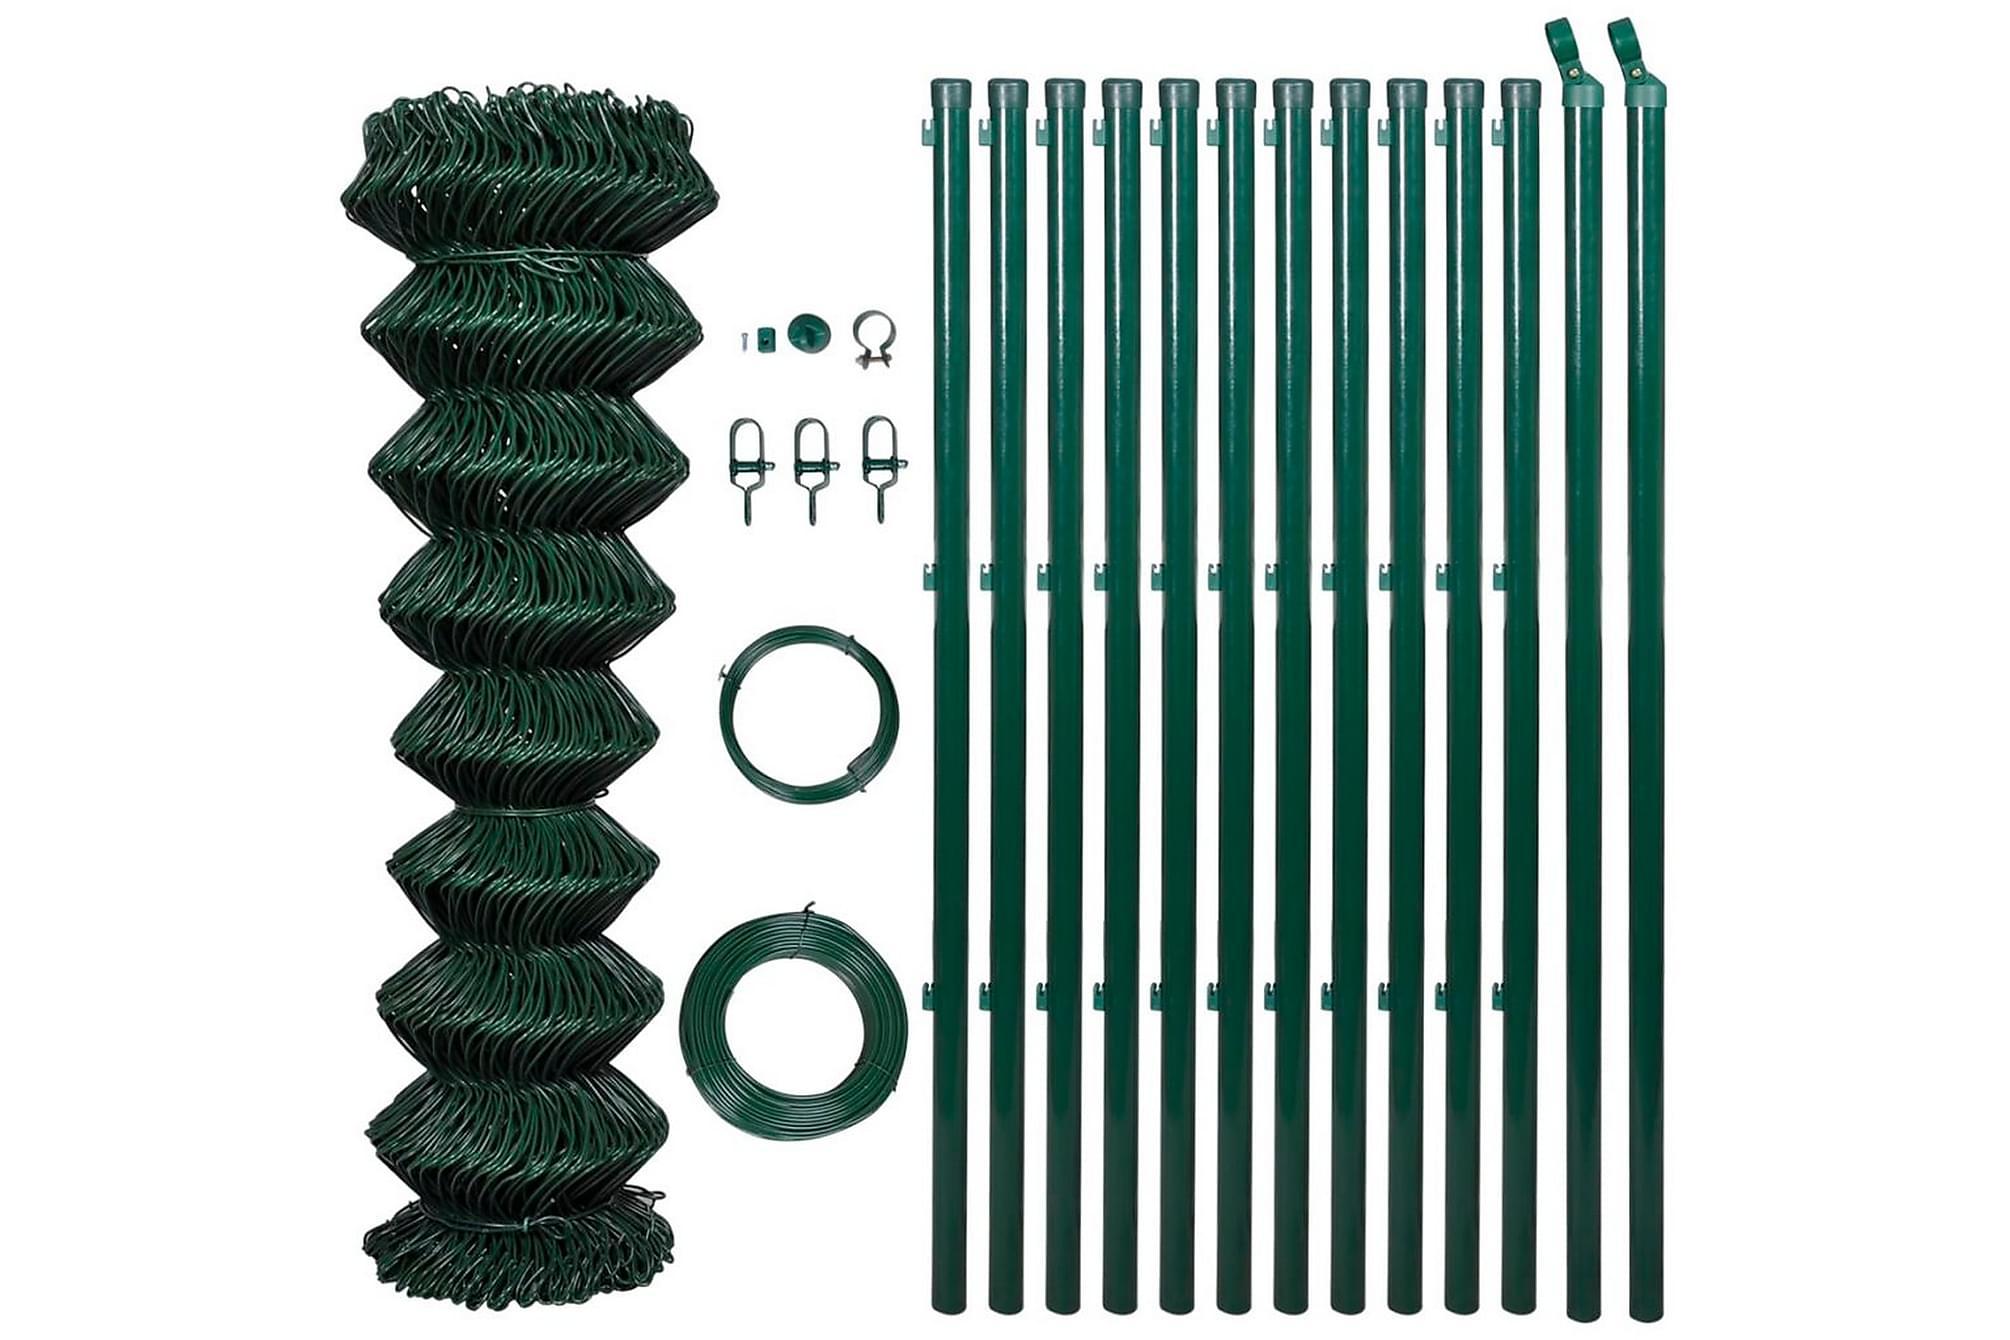 Stängselpaket för flätverksstängsel 1,25 x 25 m grön